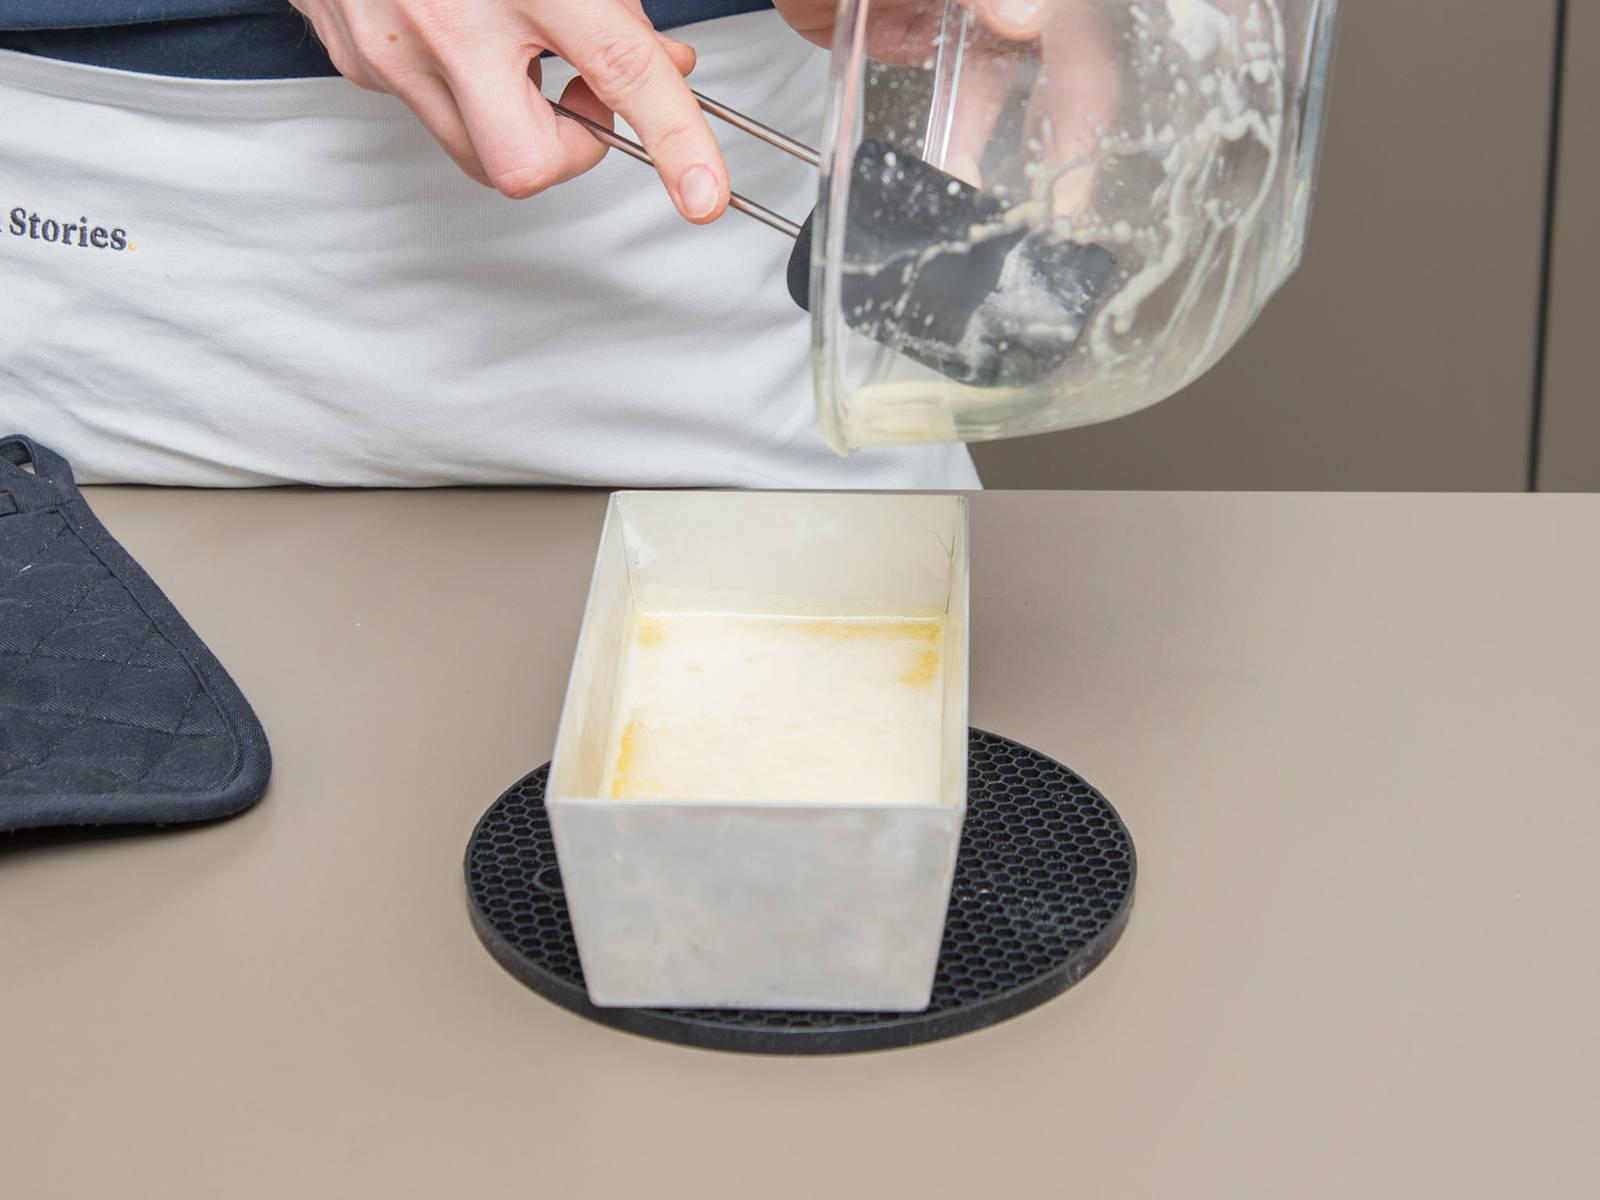 将长烤盘从烤箱中取出,涂上柠檬混合物后放回烤箱中以170℃再烤25分钟。烤好后取出放凉,切条享用,也可以视个人喜好撒上糖粉。